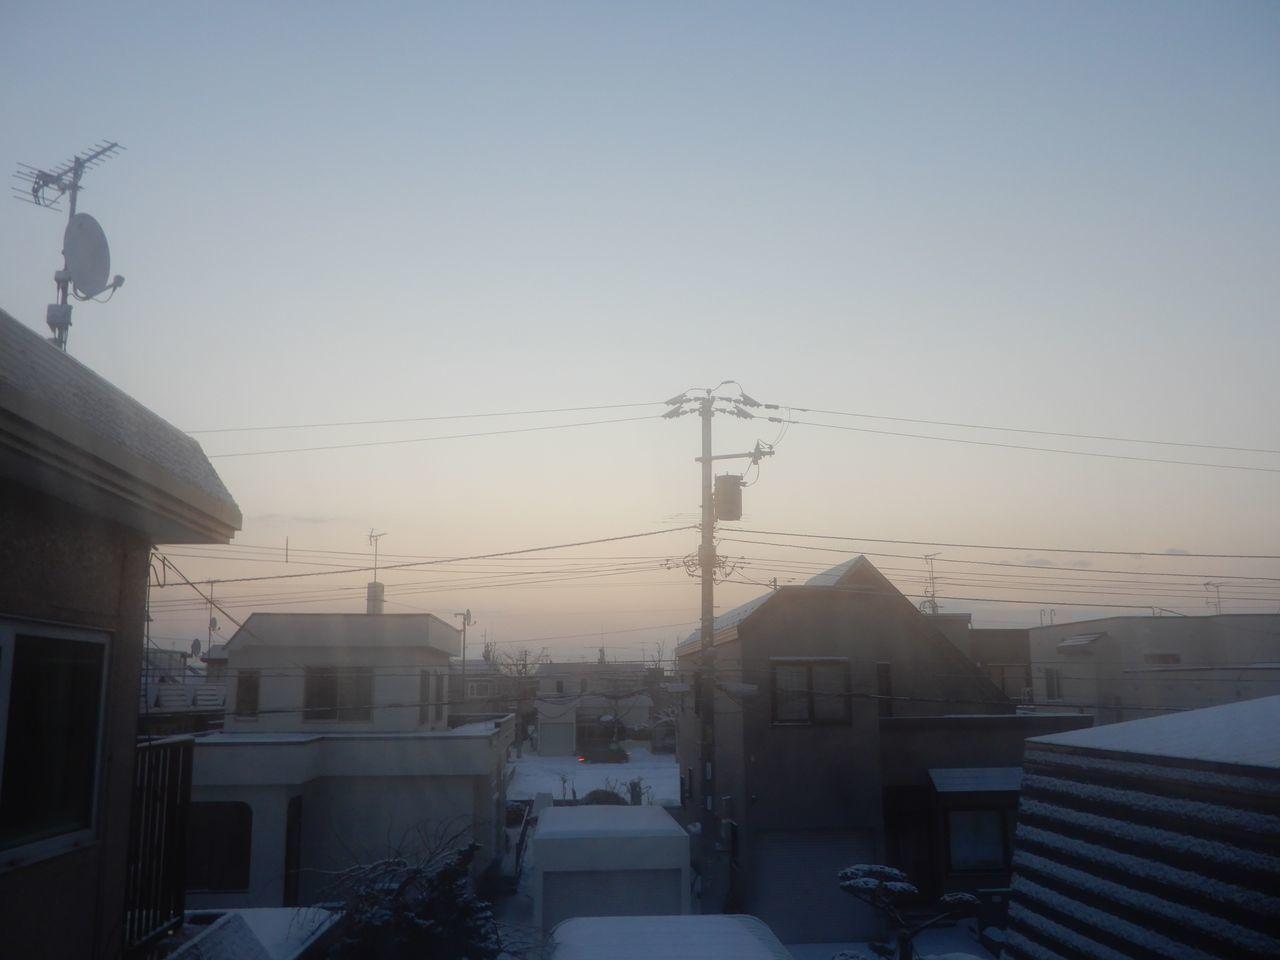 暖気はおしまい_c0025115_21235879.jpg